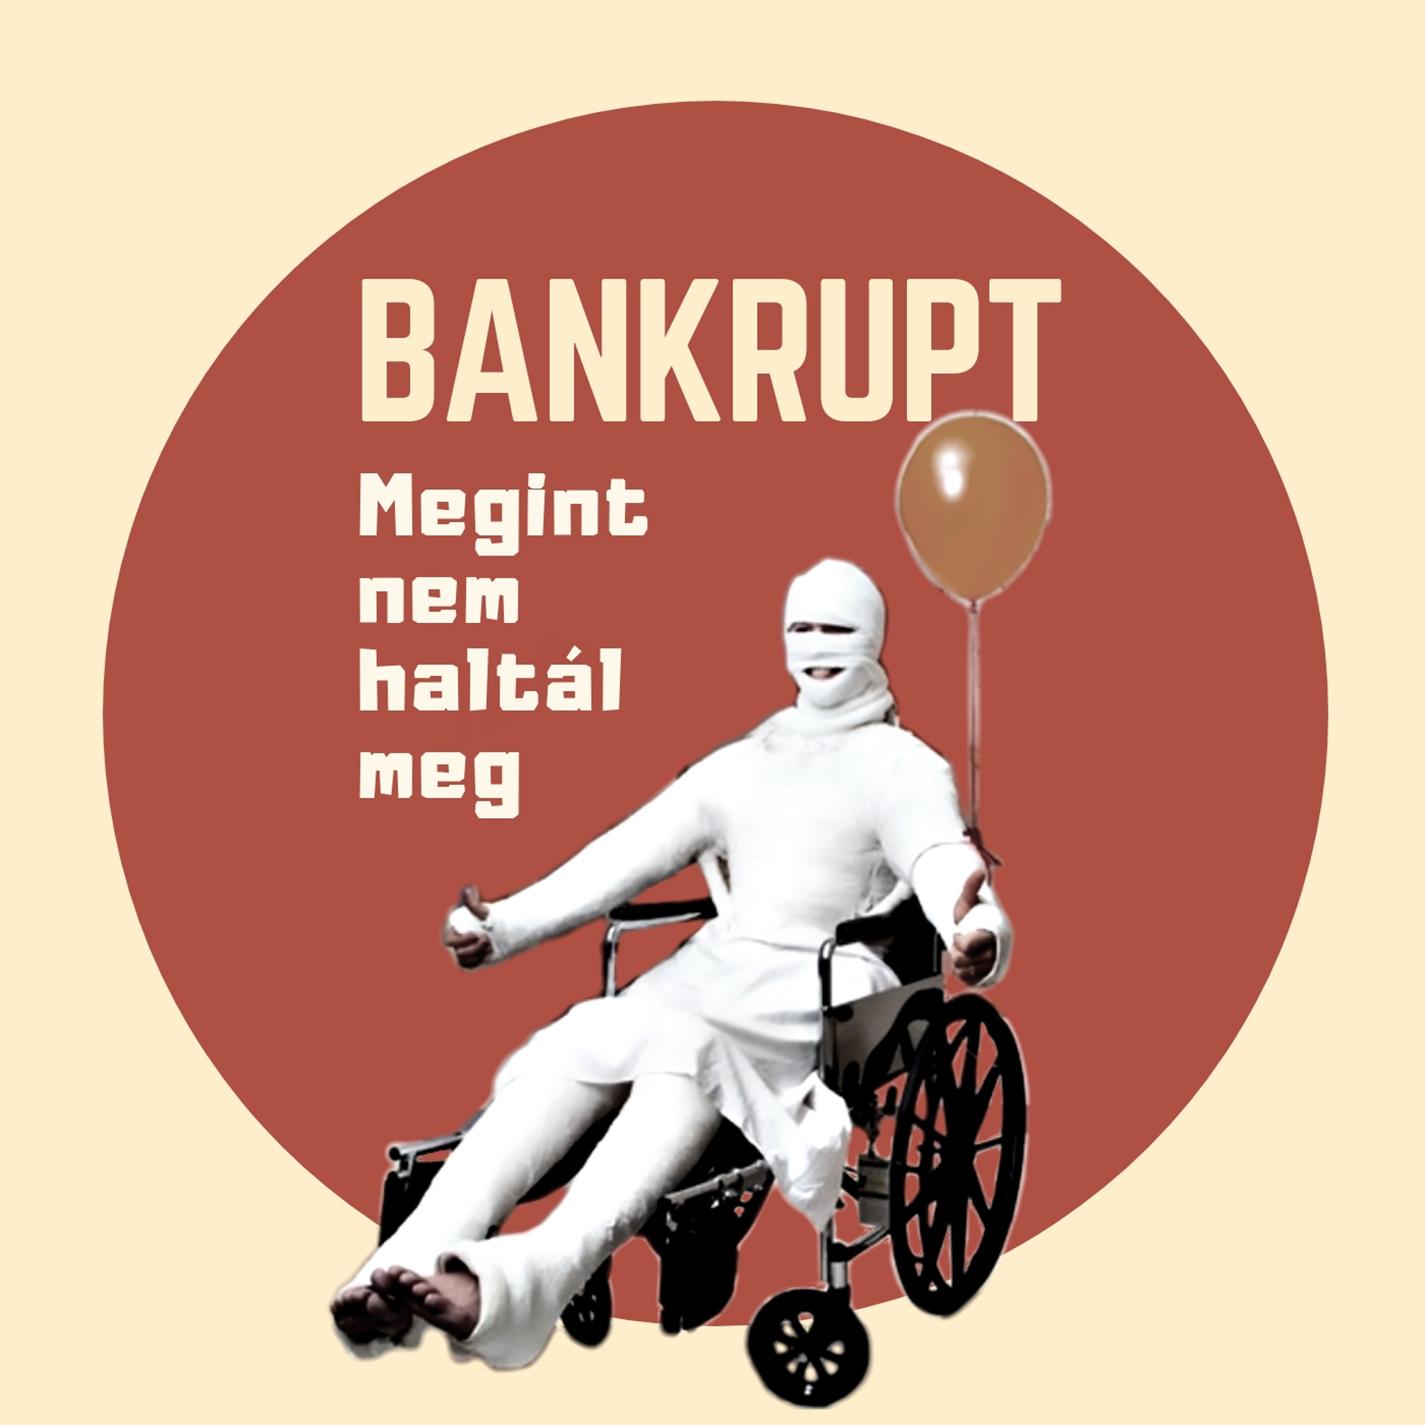 bankrupt_megintnem.jpg